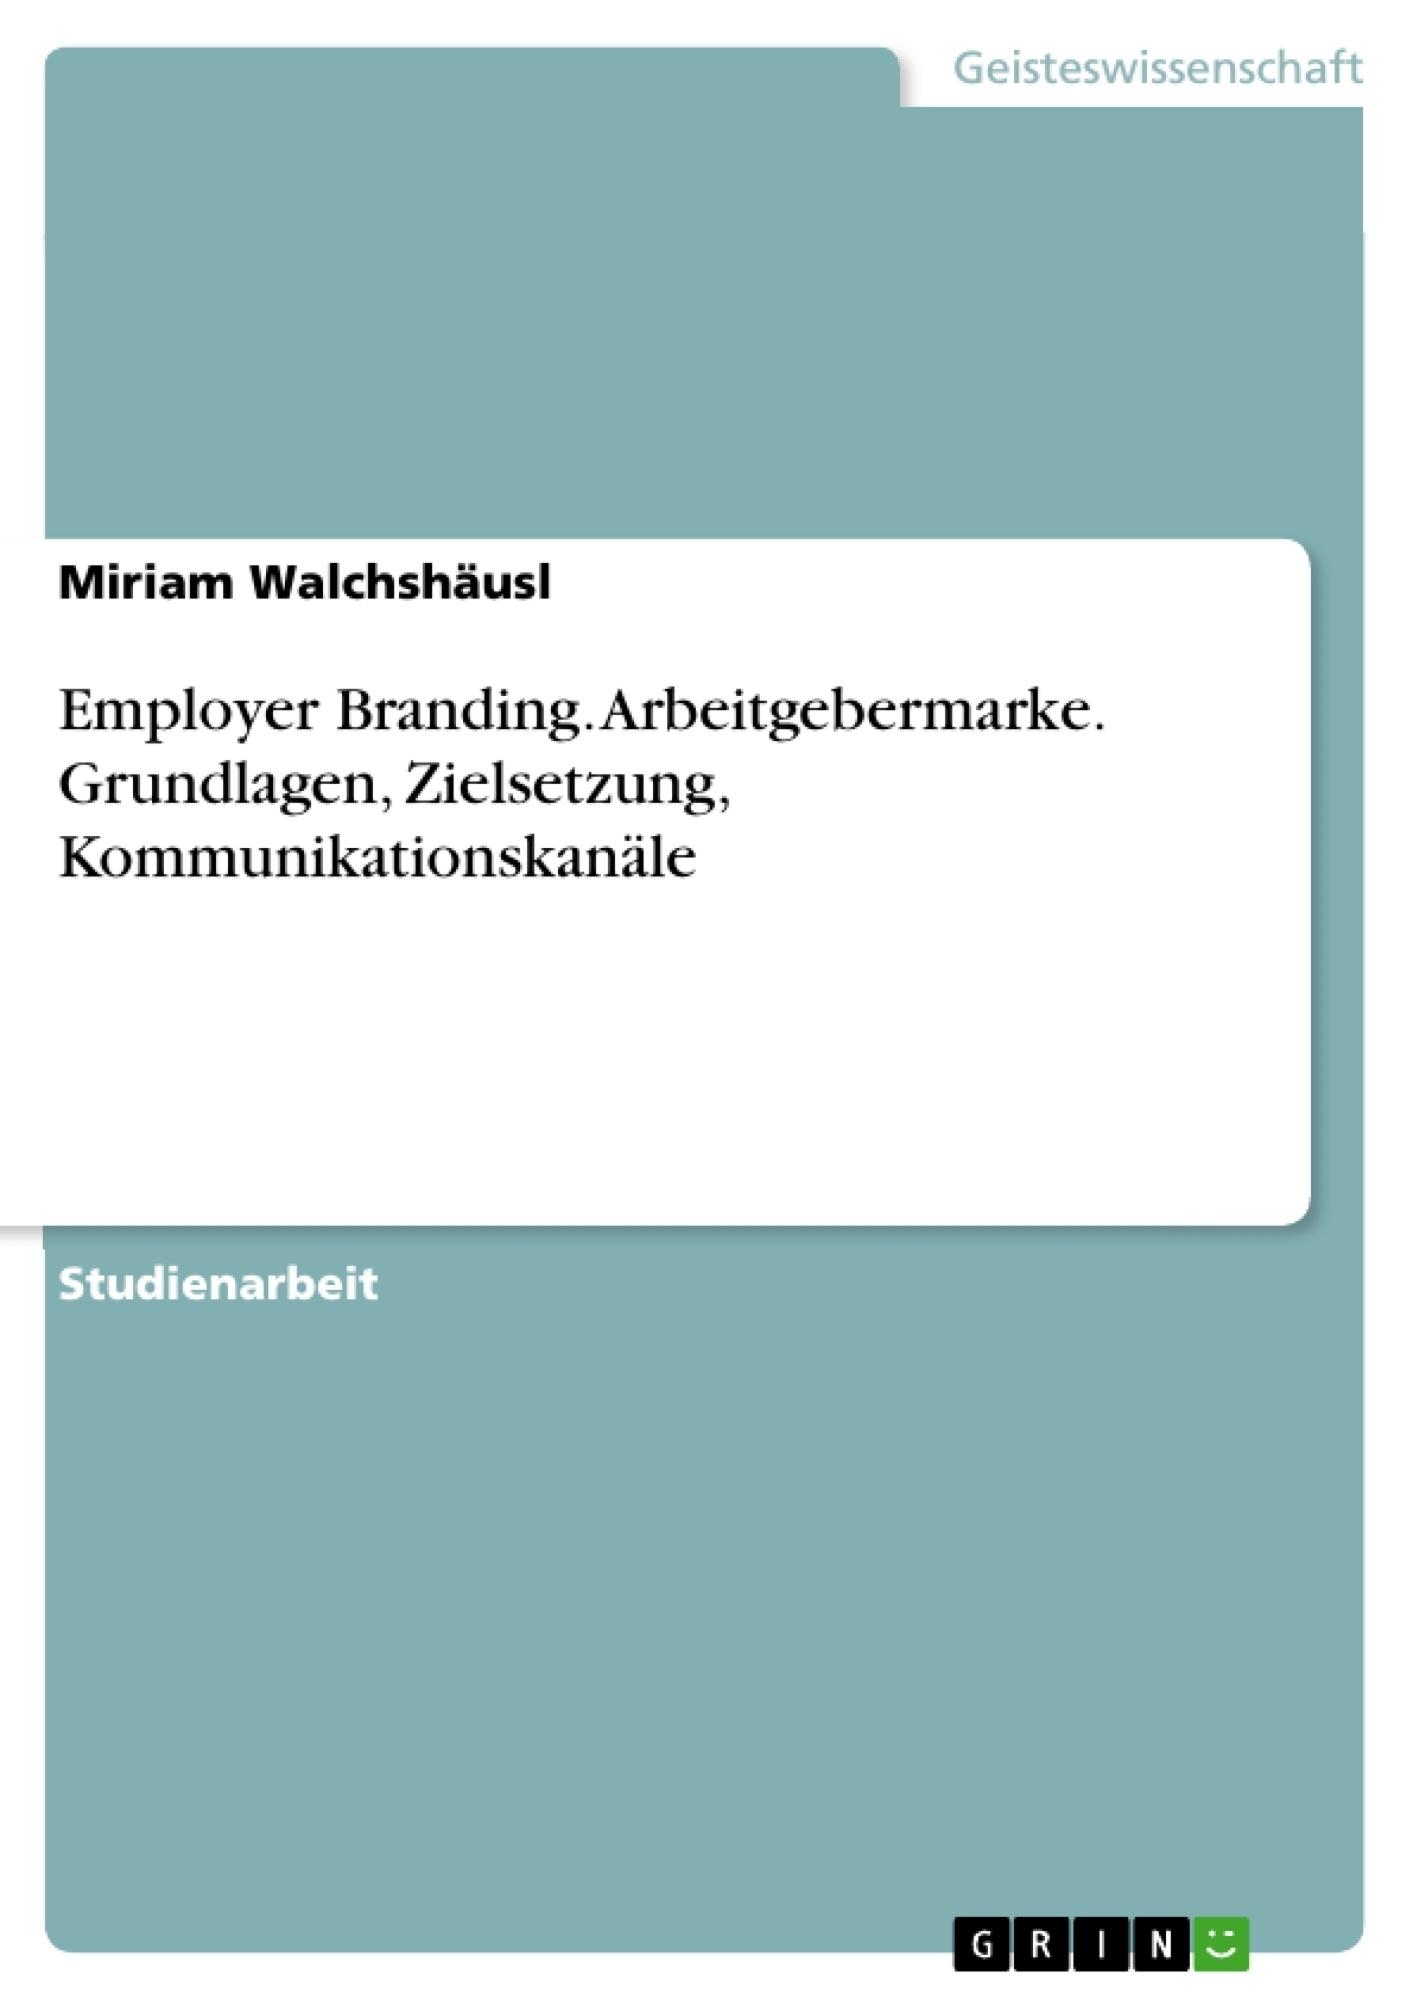 Titel: Employer Branding. Arbeitgebermarke. Grundlagen, Zielsetzung, Kommunikationskanäle